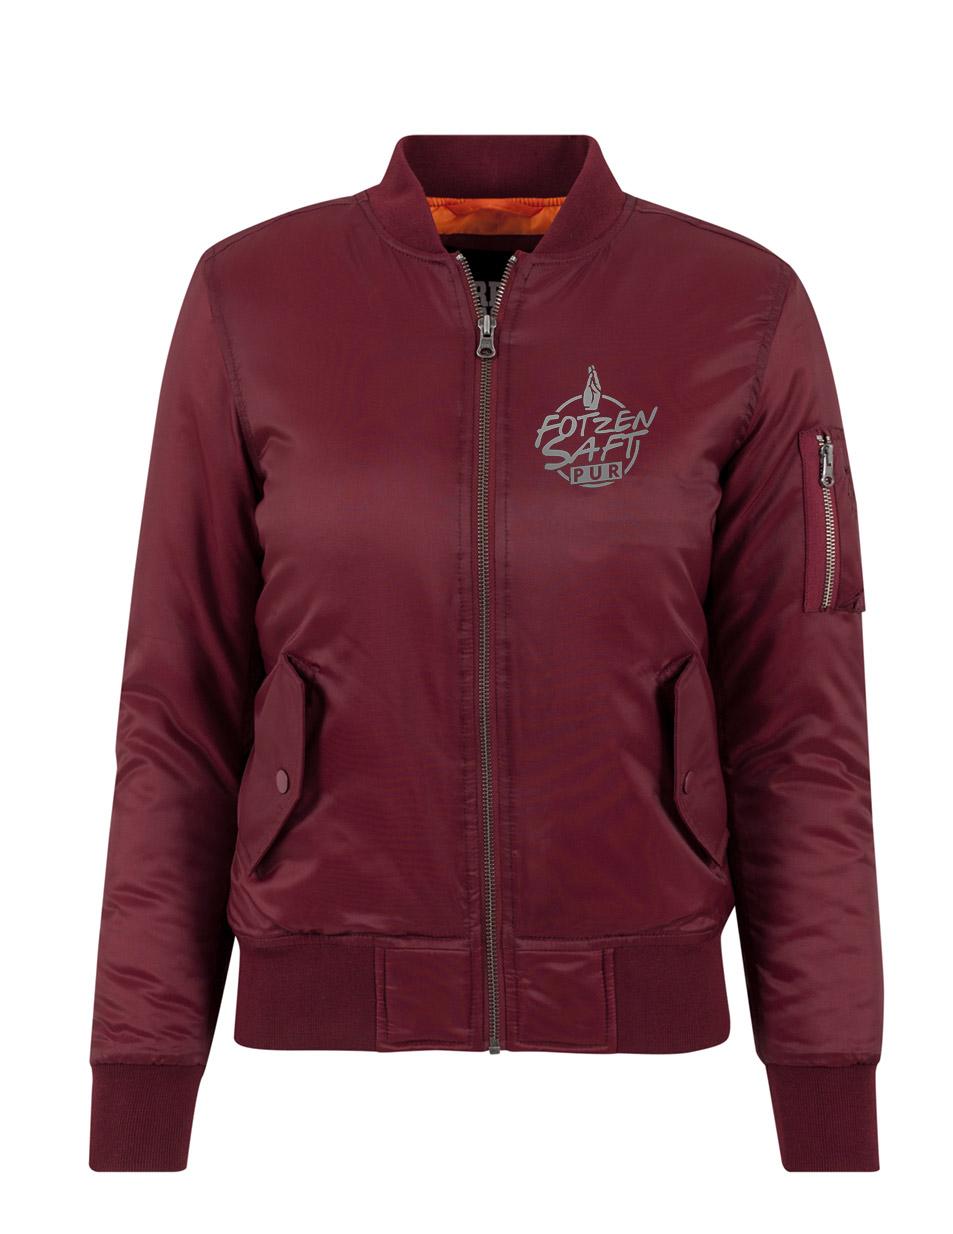 Fotzensaft Ladies Bomber Jacket silber auf burgundy